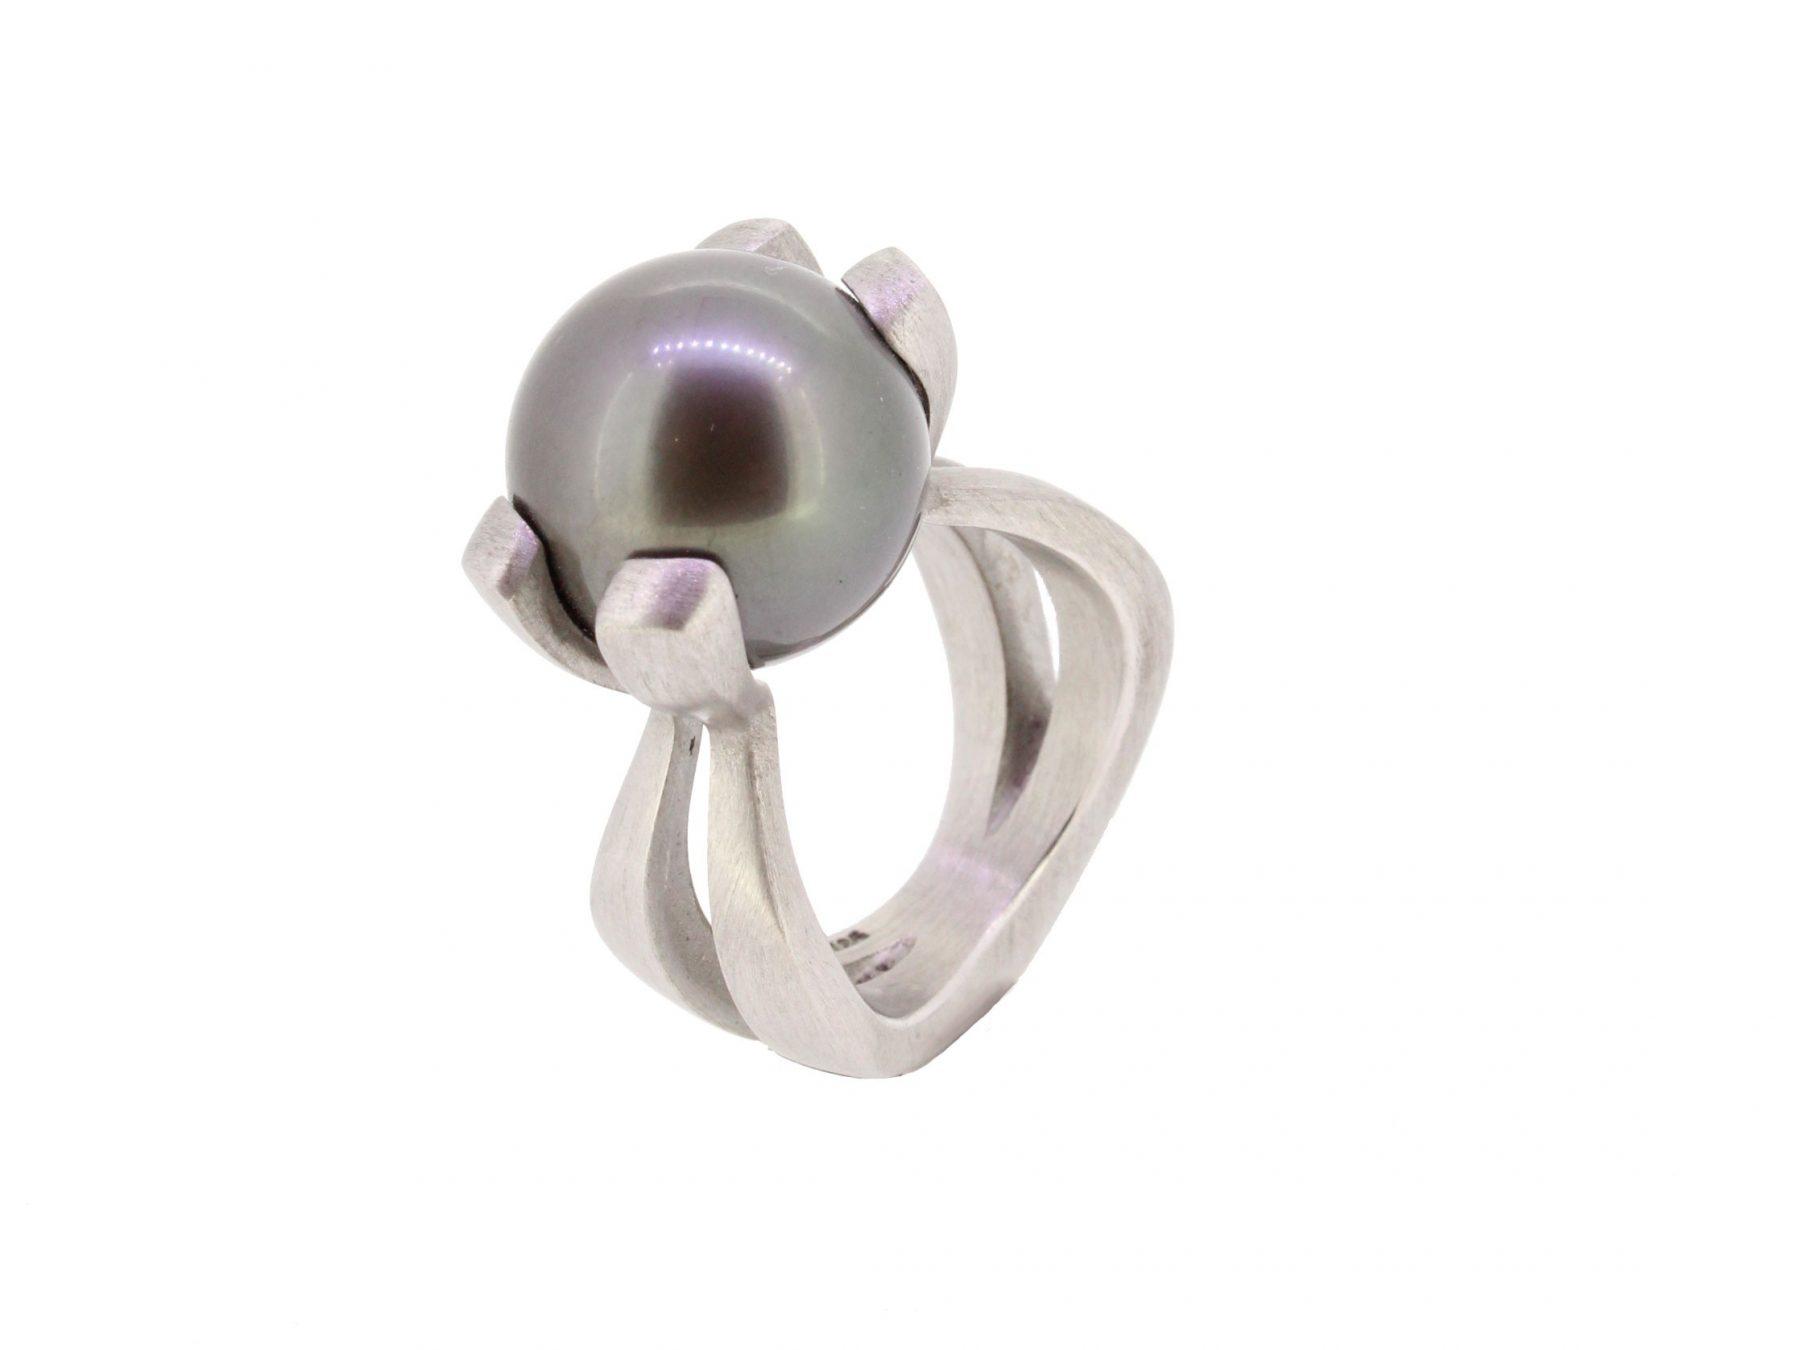 Ring Einperler 925 Silber - Corinna Heller - 410hell04-1